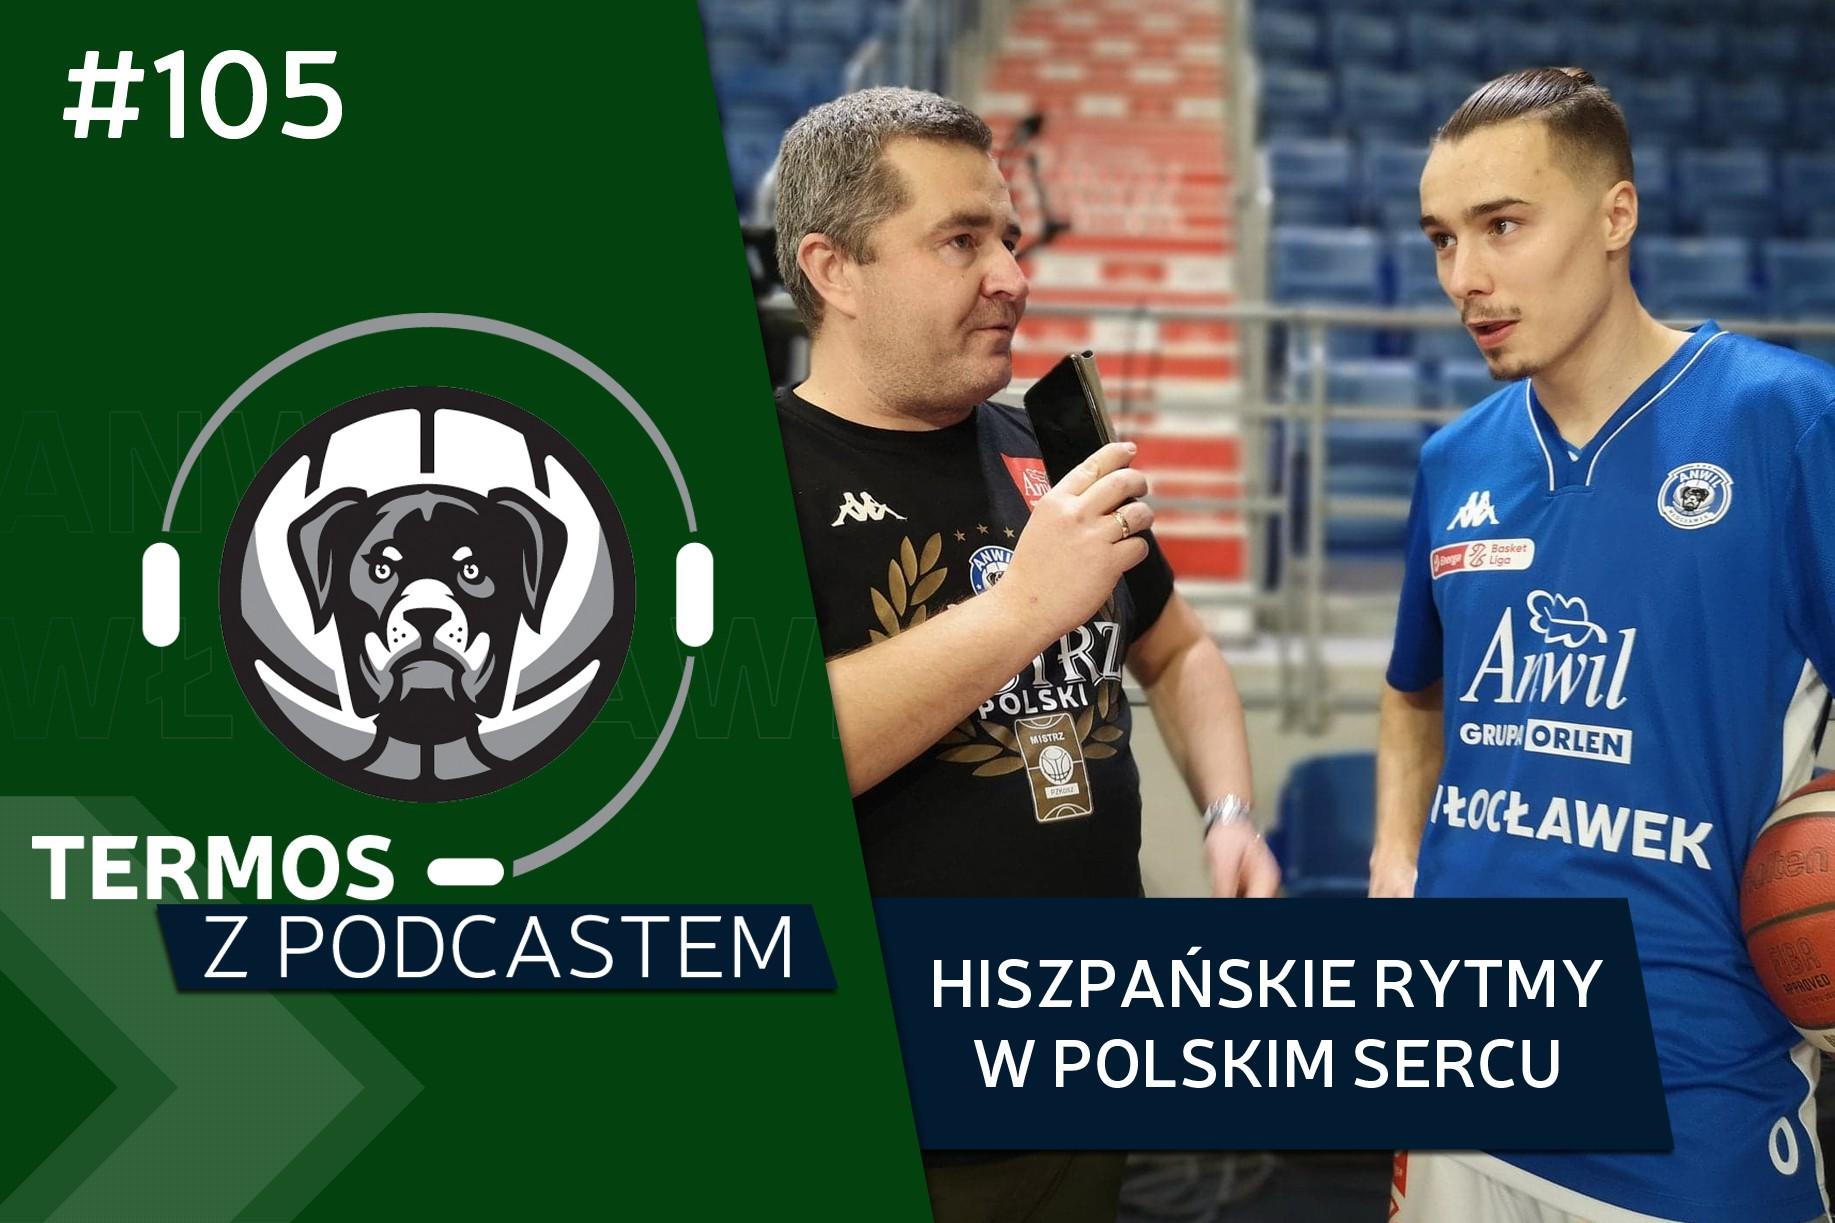 #105 Termos z Podcastem: Hiszpańskie rytmy w polskim sercu